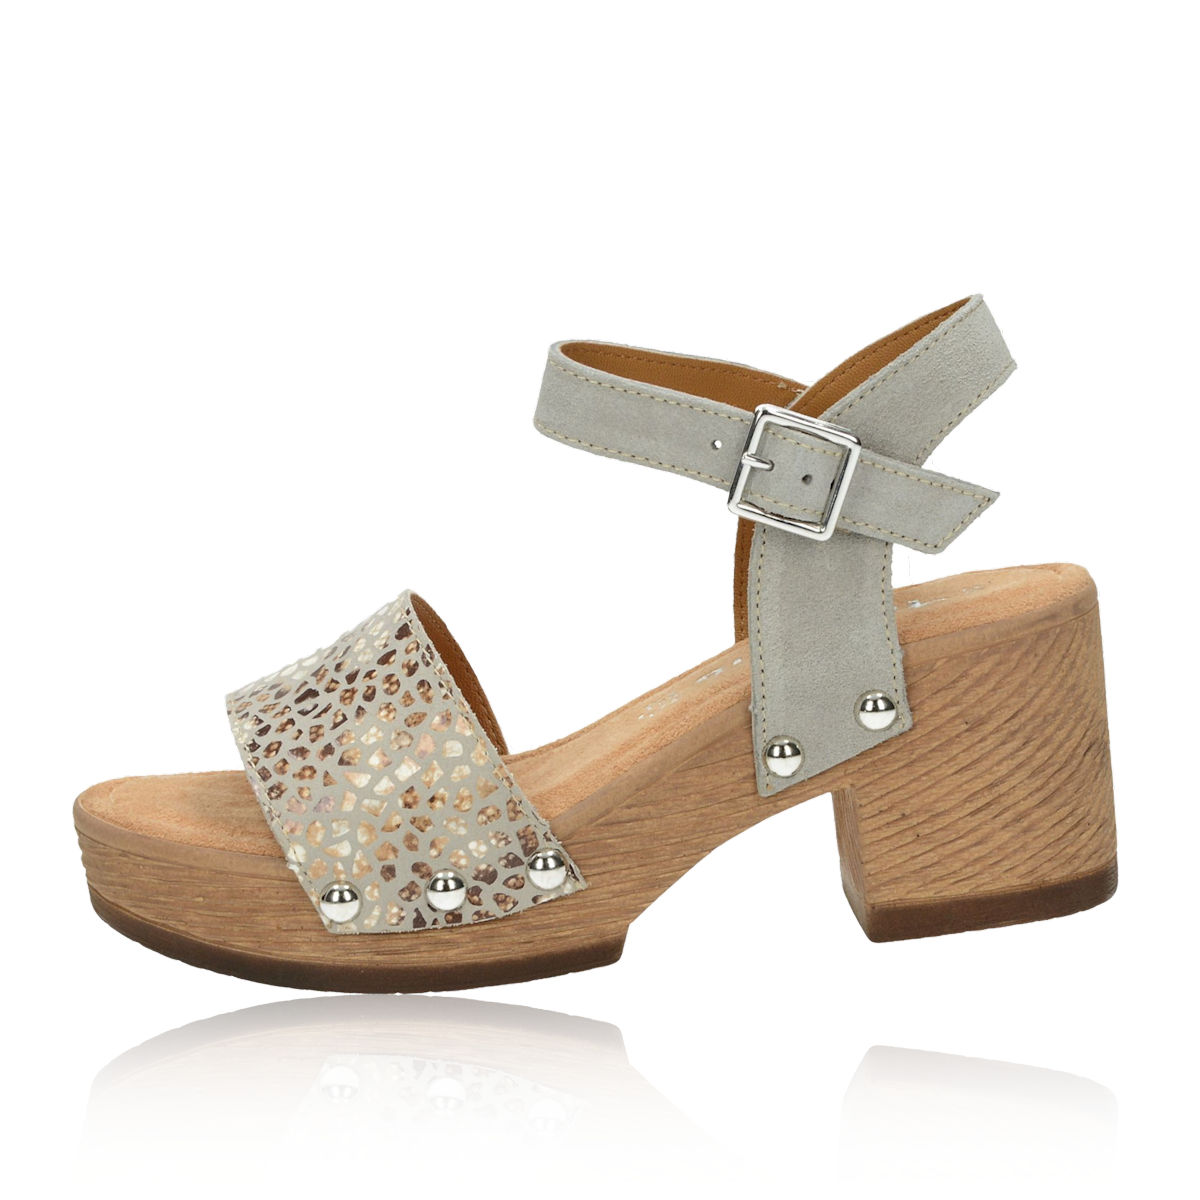 9514997b3361 Tamaris dámske sandále - béžové Tamaris dámske sandále - béžové ...